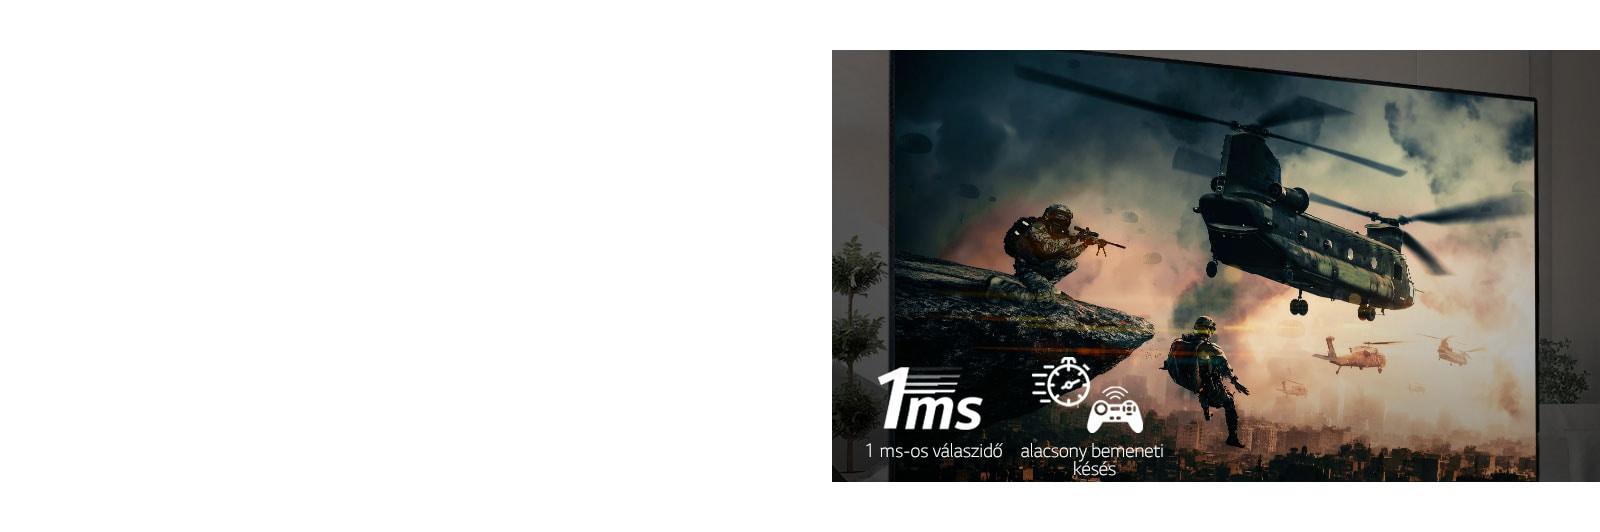 A tévékészülék csatajátékot jelenít meg fegyveres katonákkal és helikopterekkel repülve az égen.